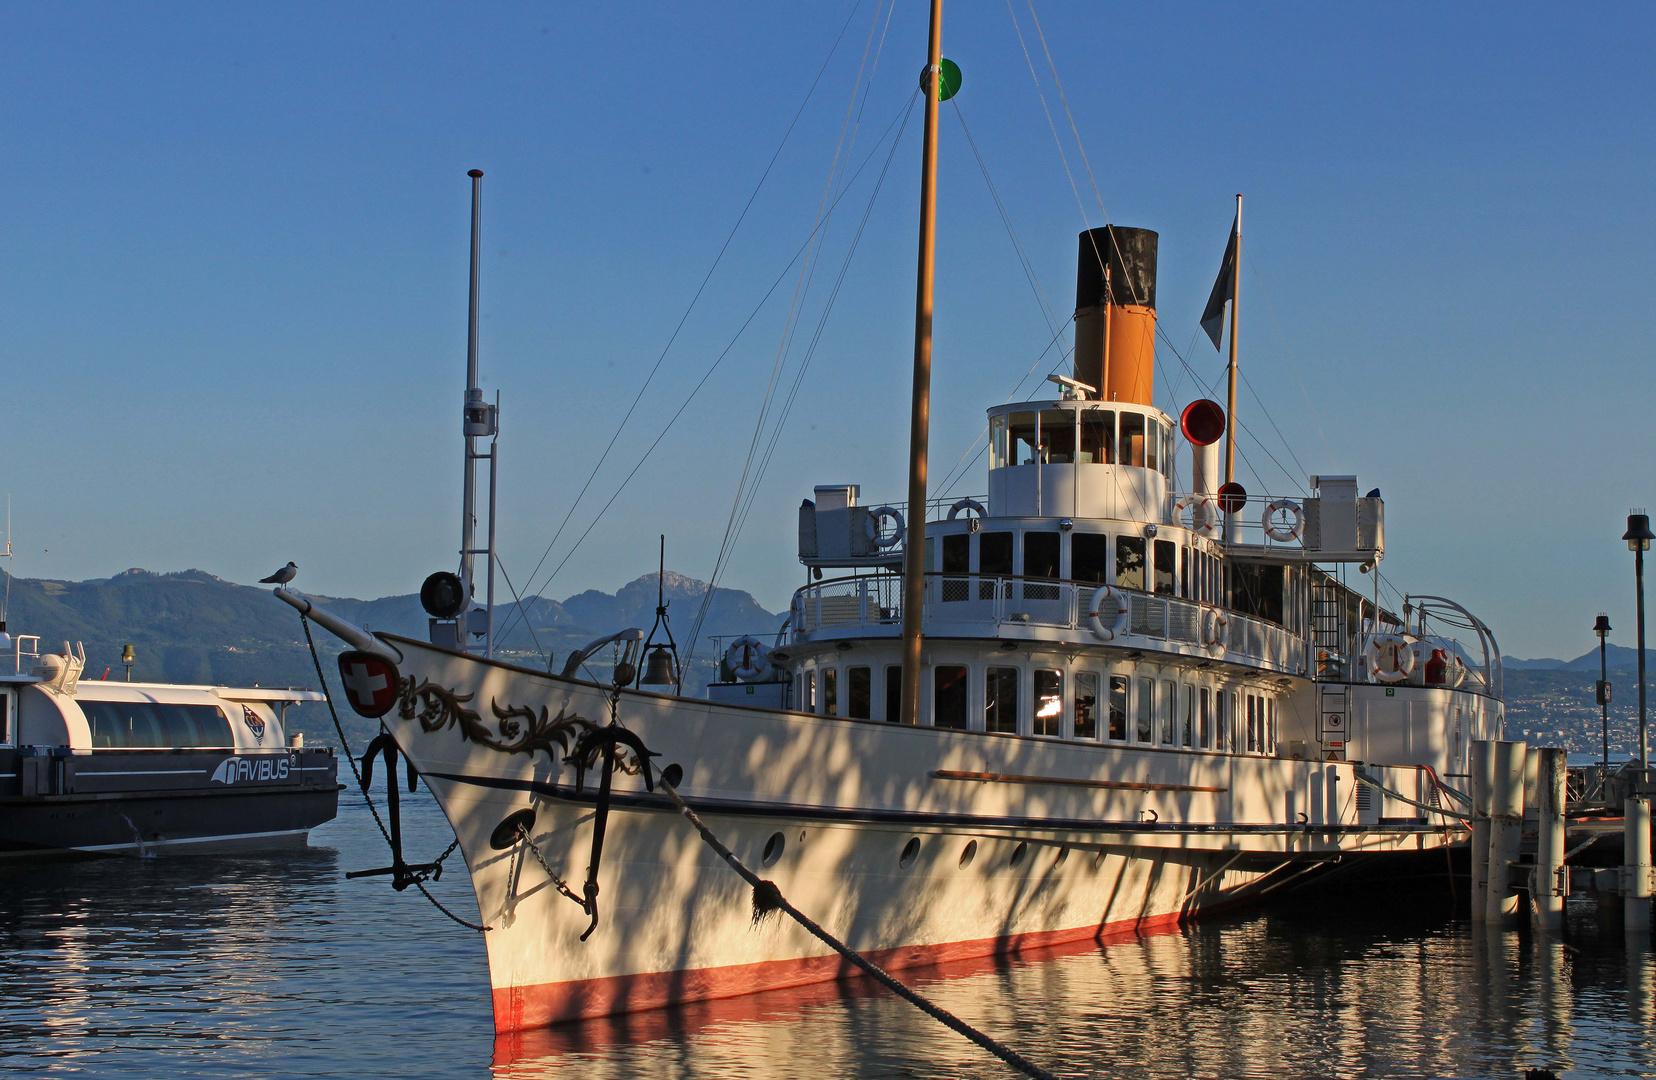 Hafen Ouchy-Lausanne - einsteigen bitte